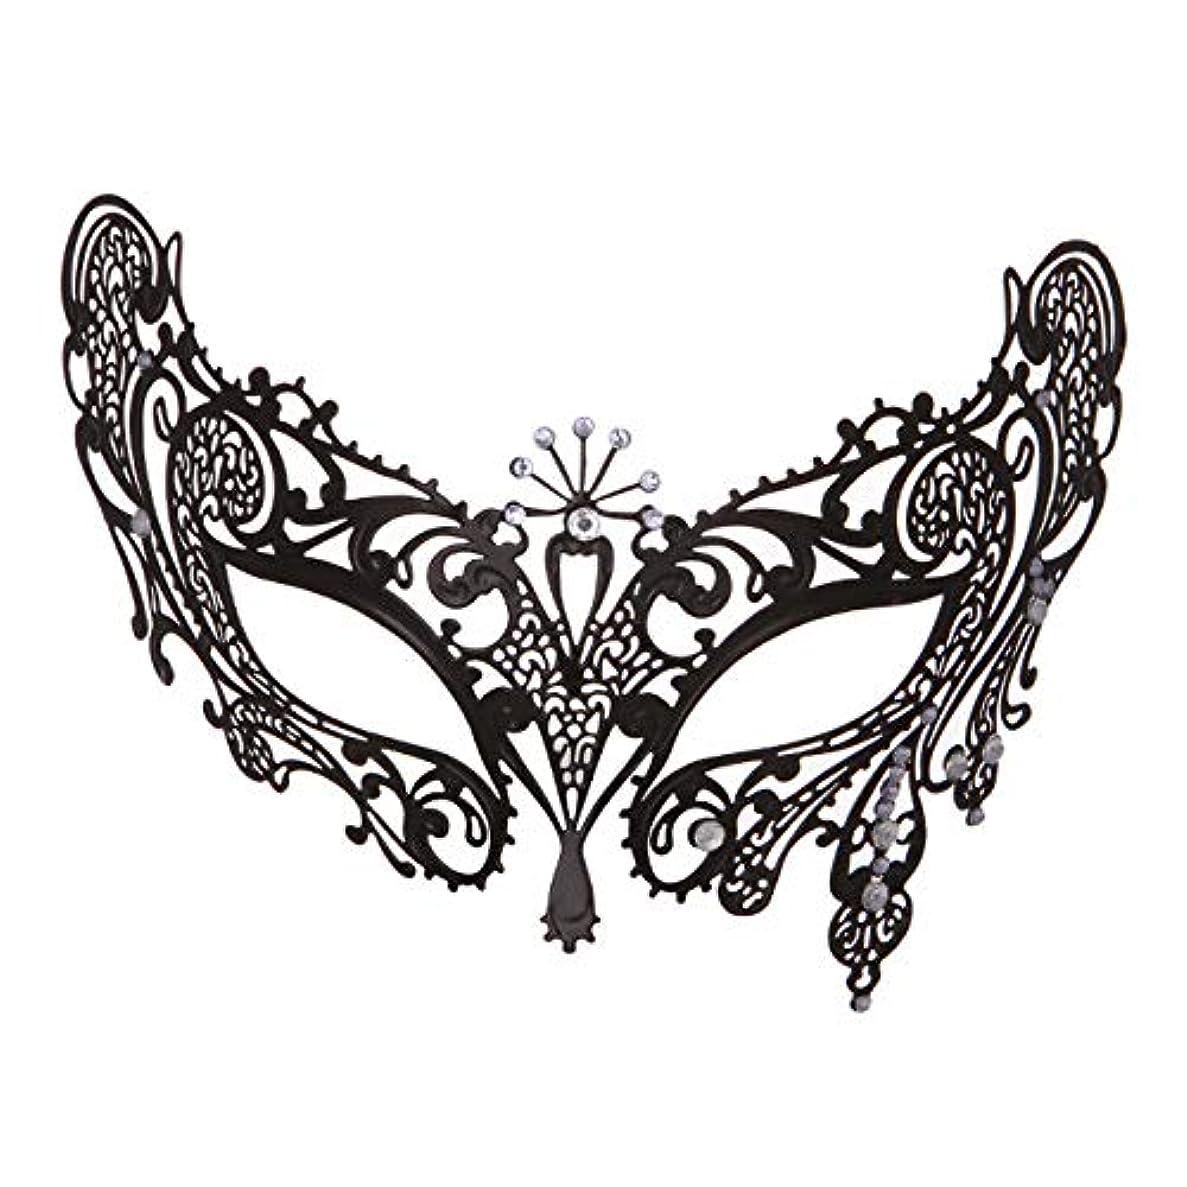 海洋スクレーパーエアコンレディマスクメタルダイヤモンドパーティーパフォーマンス仮装ハロウィーンアイマスク